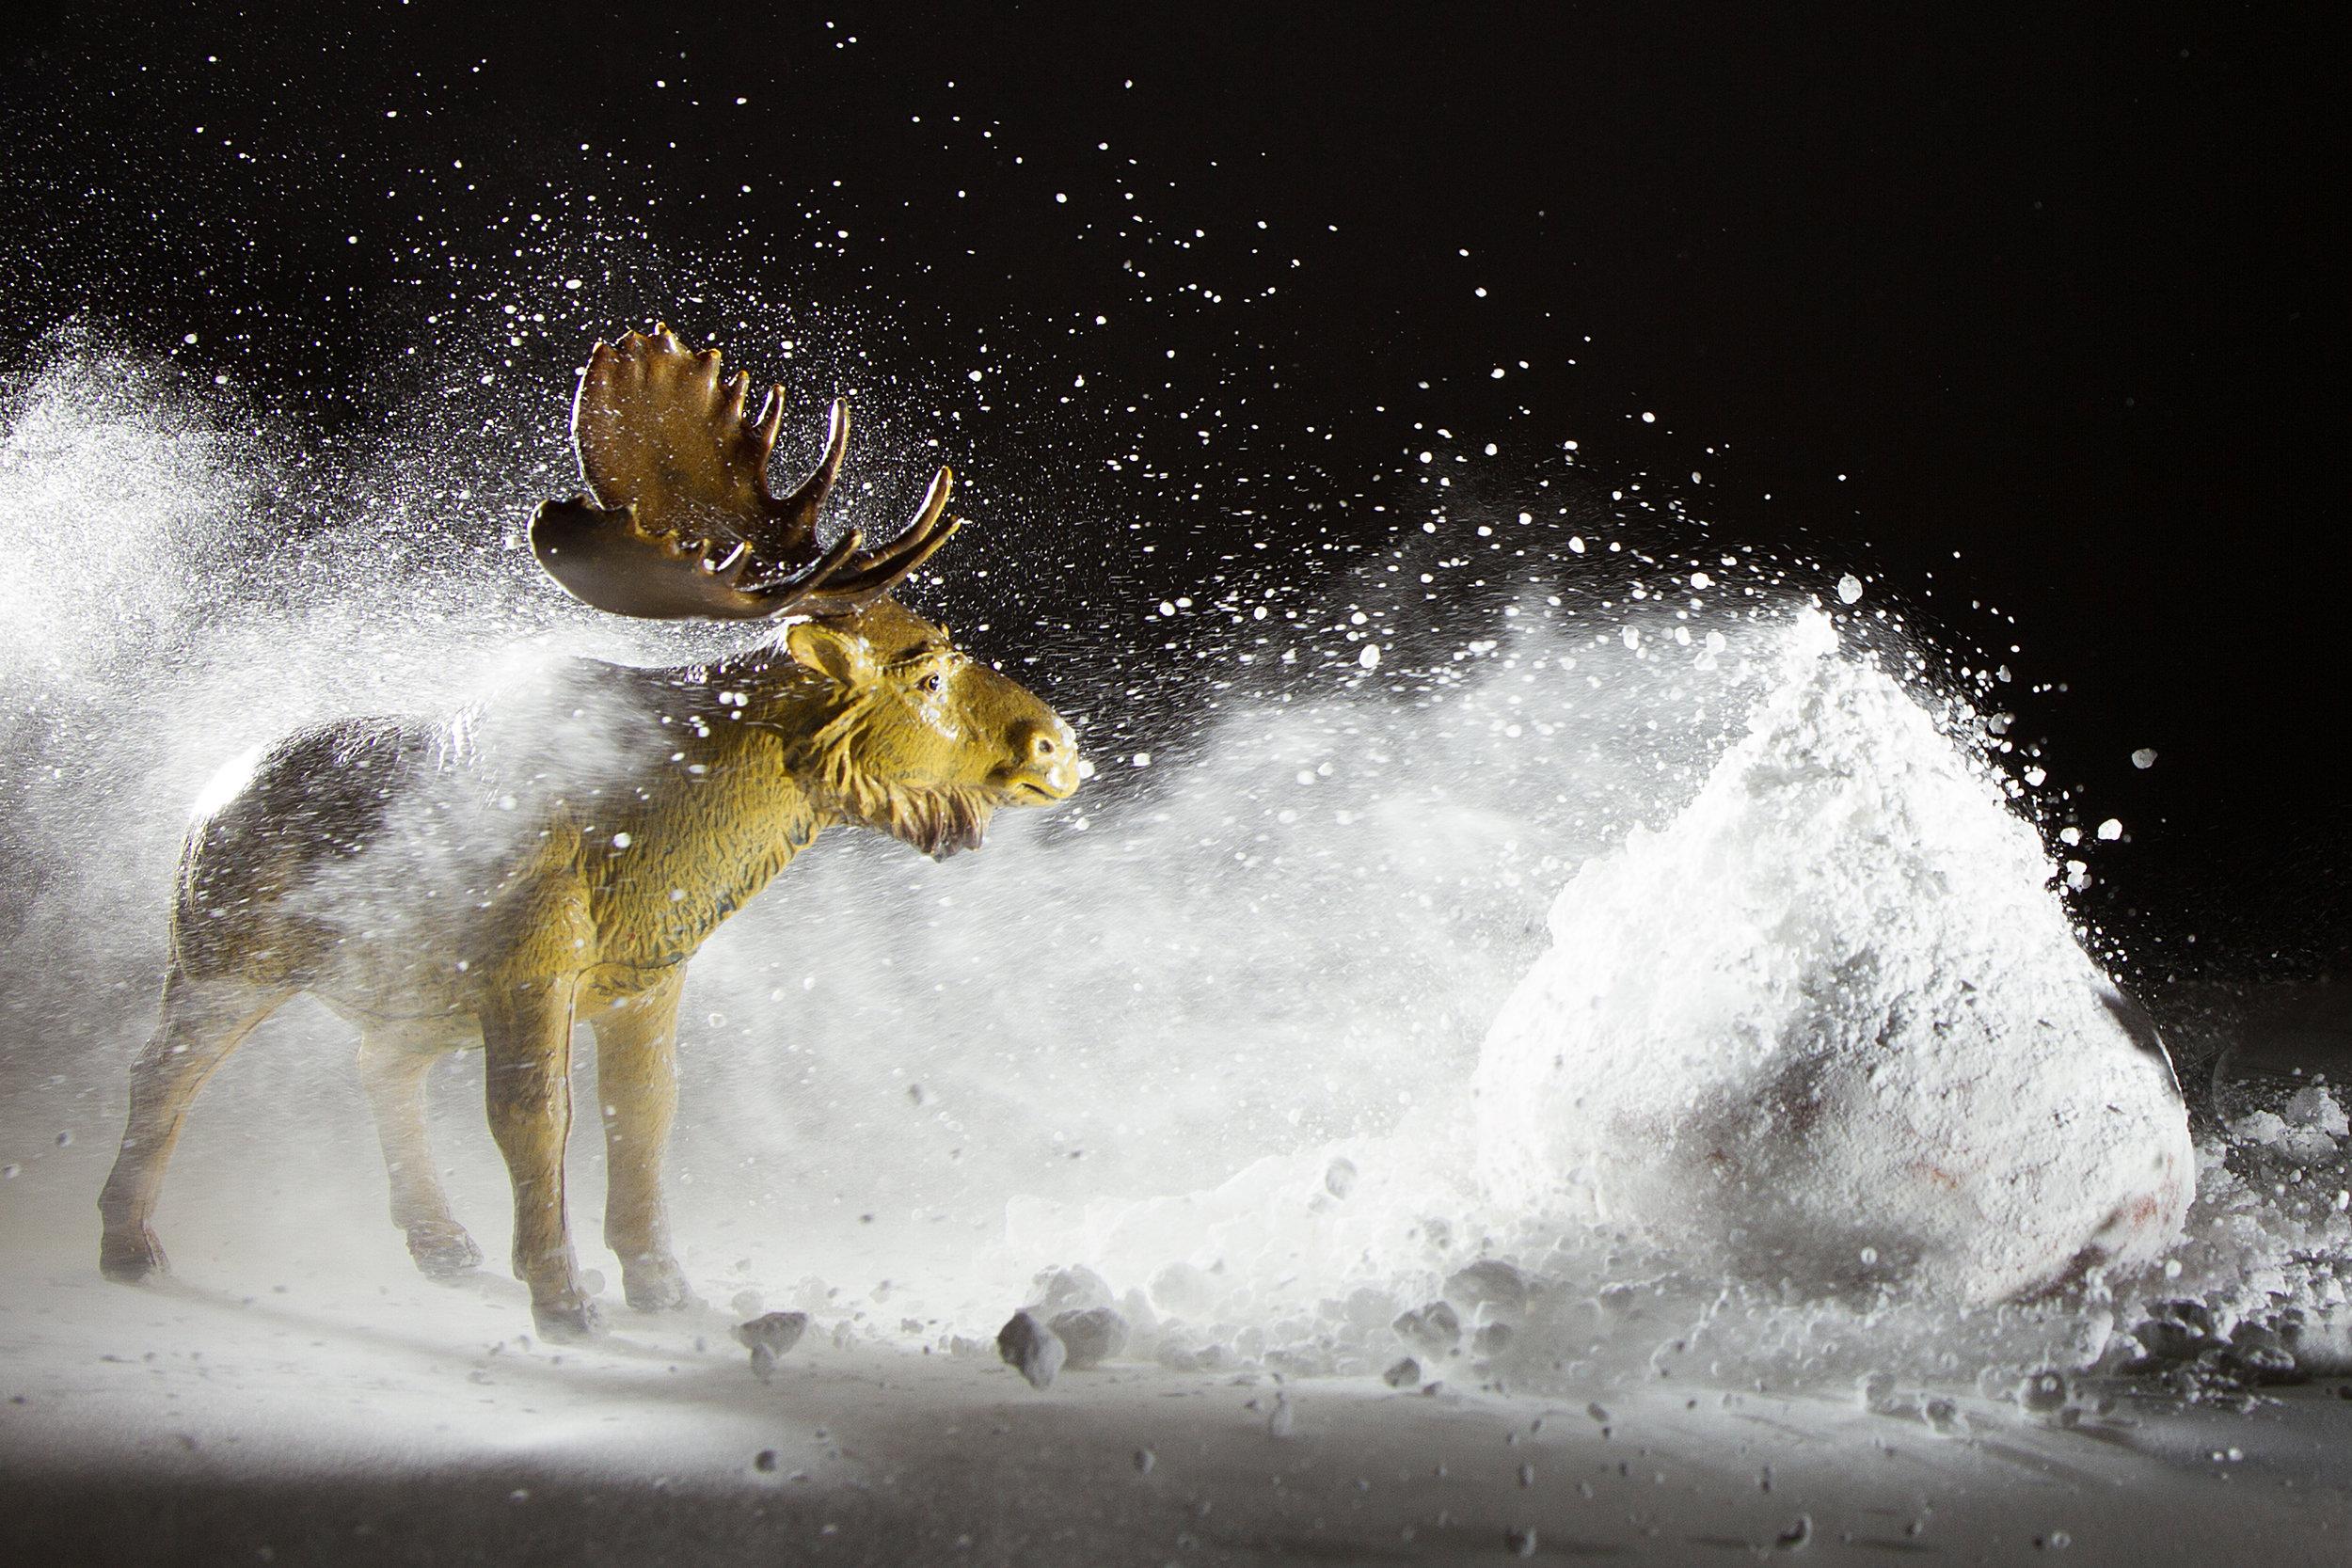 Moose_In_Snowstorm.jpg